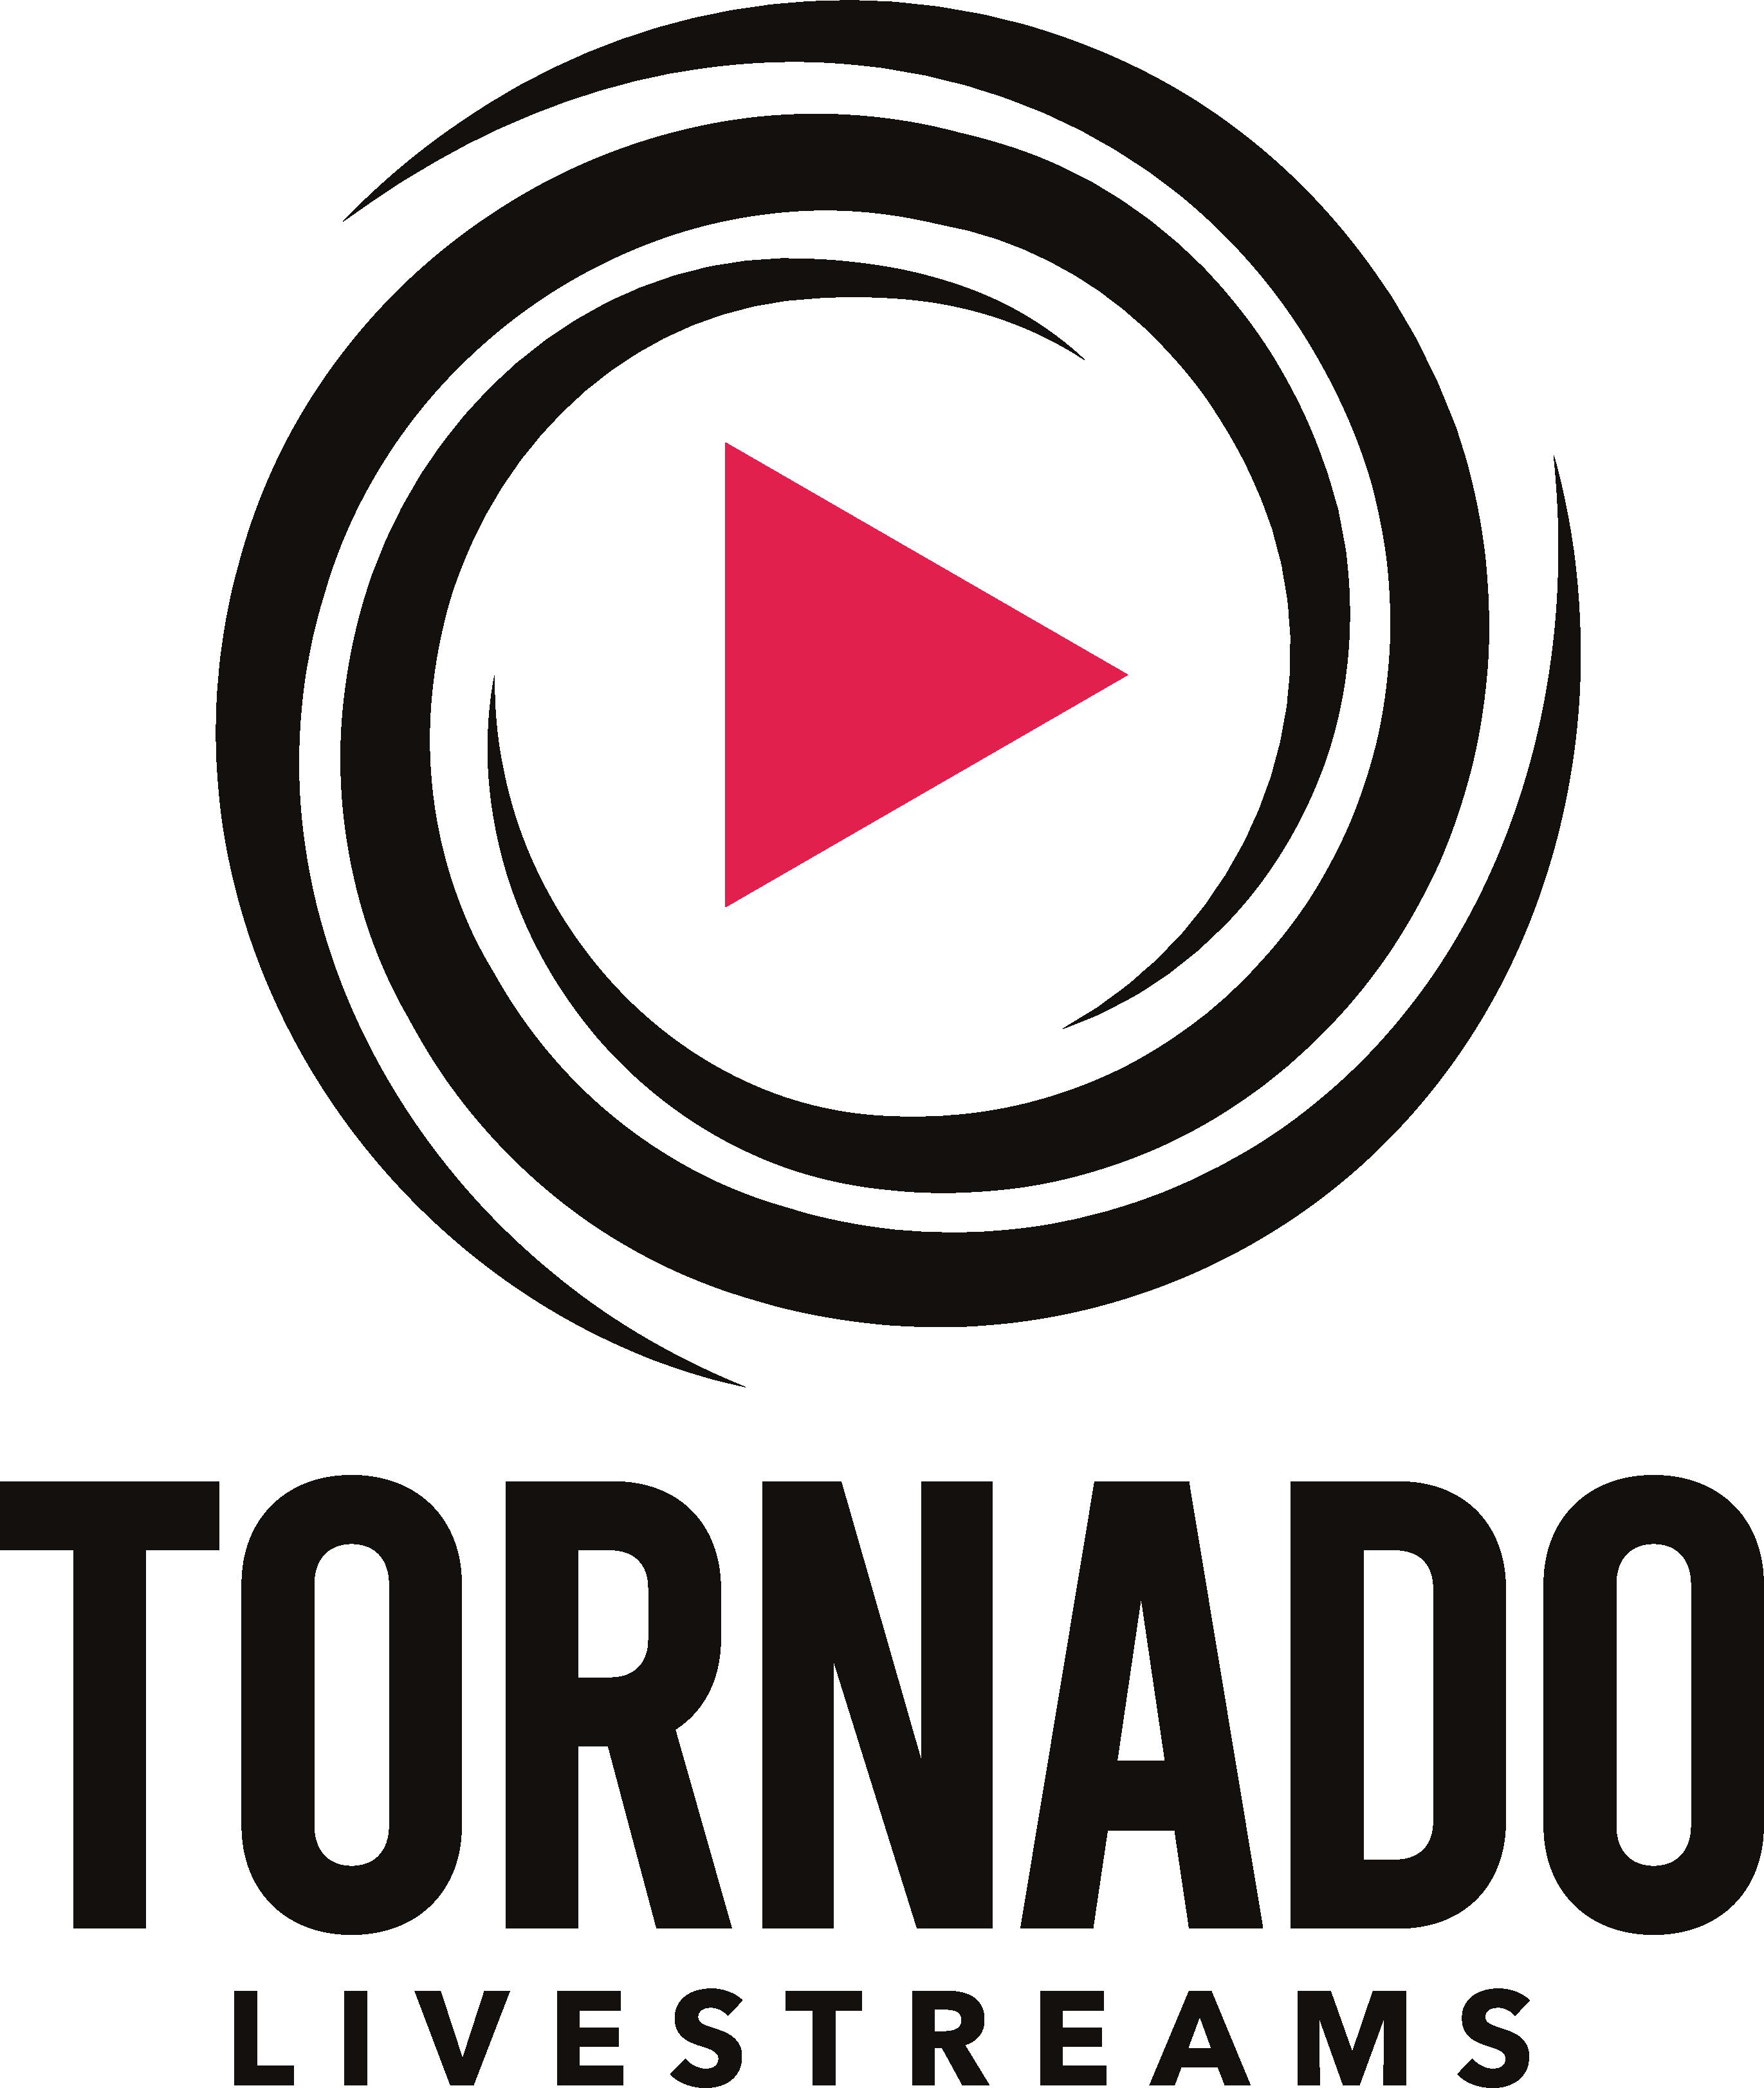 TORNADO LIVESTREAMS & STUDIOS